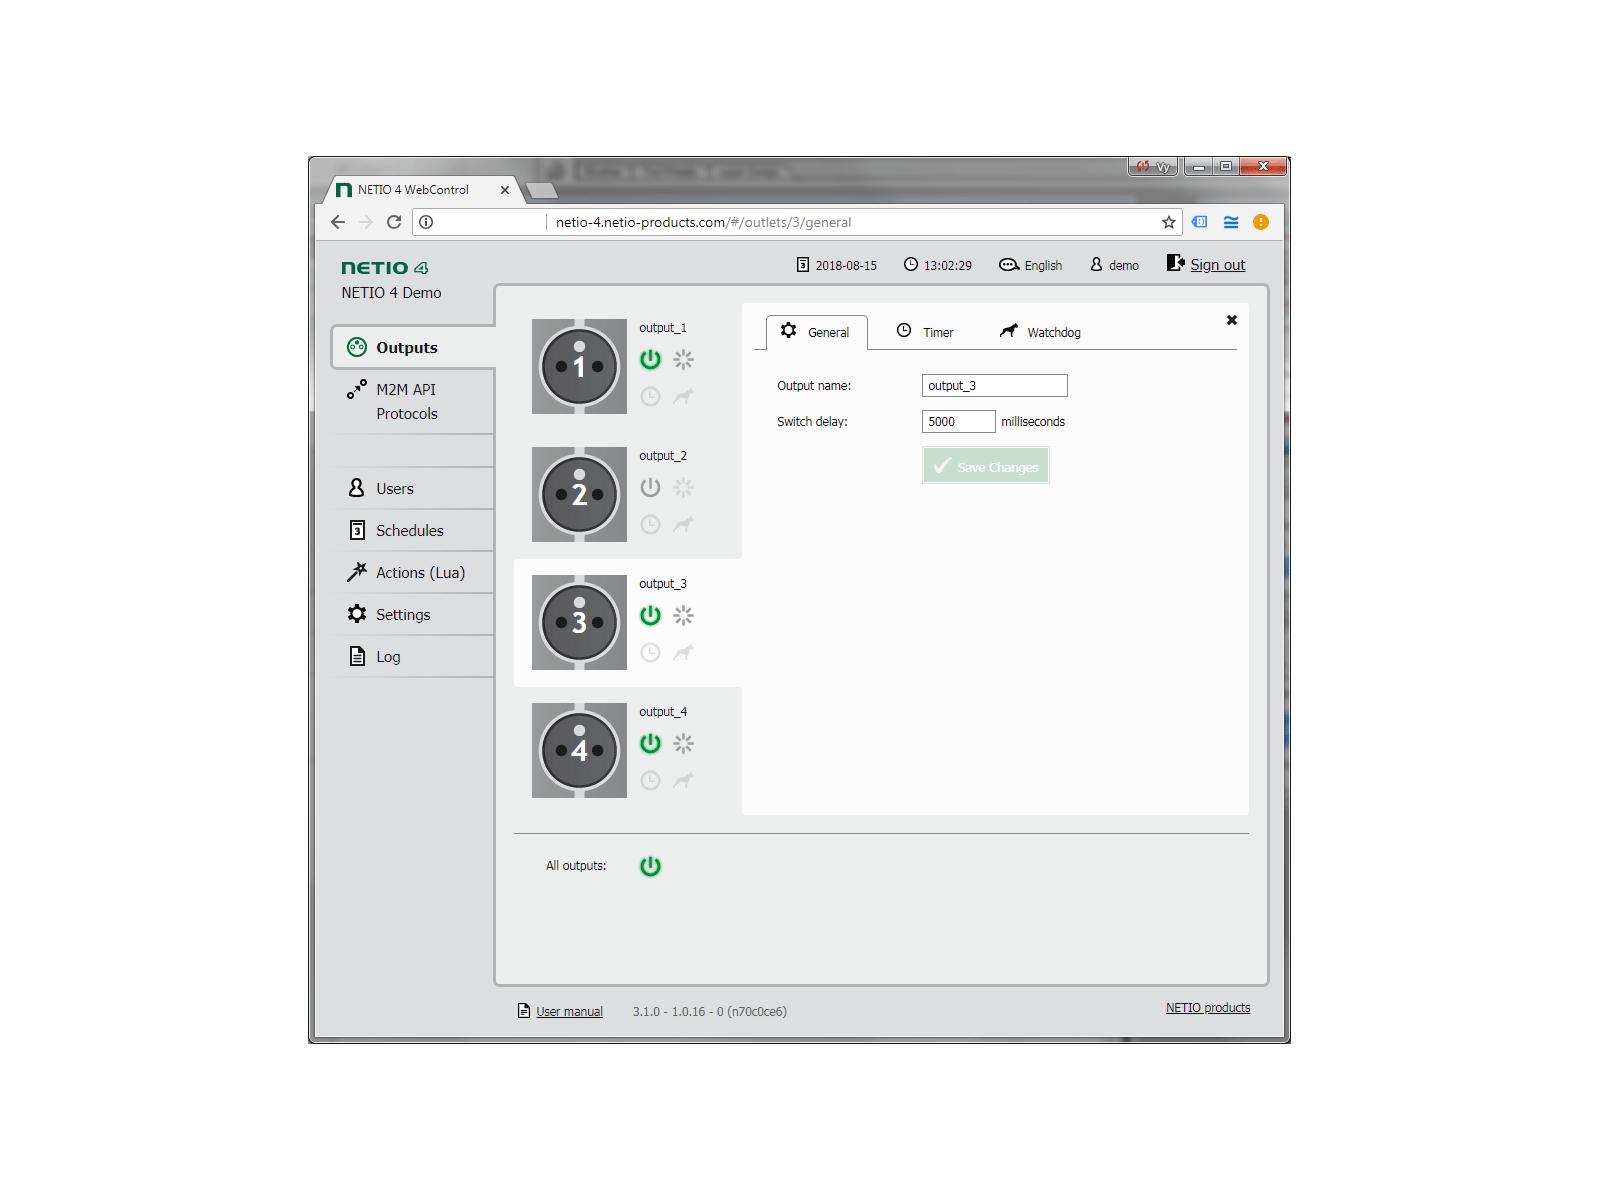 b6c36e621 NETIO 4 | Chytré zásuvky NETIO ovládané pomocí WiFi a LAN